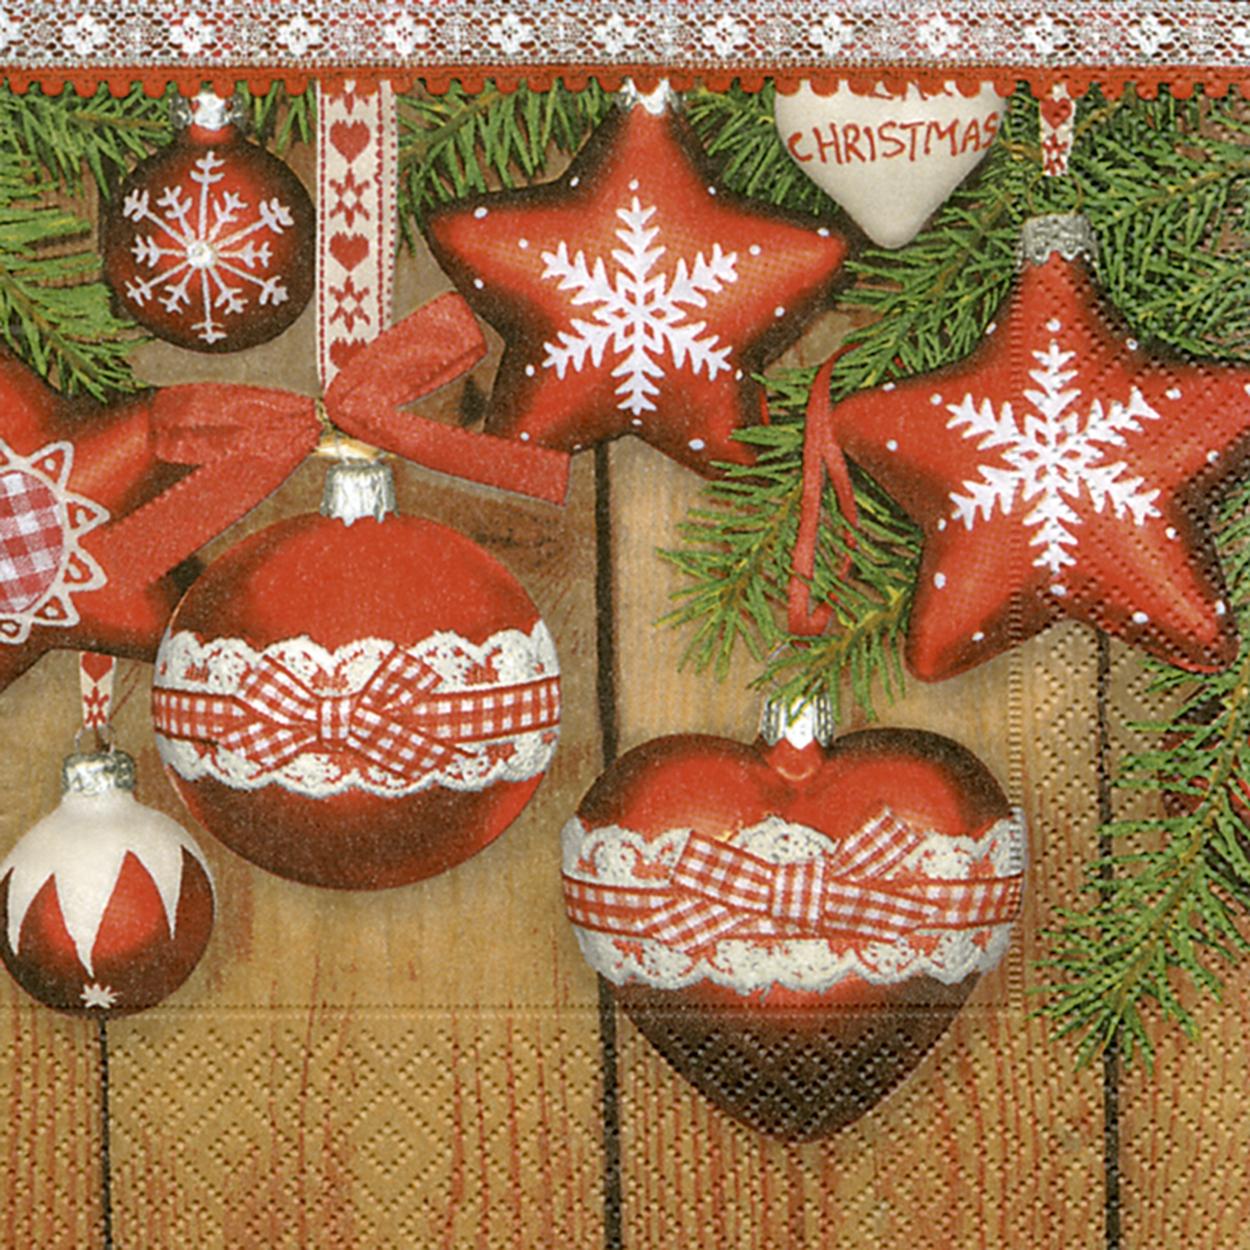 Servietten Weihnachten,  Weihnachten - Baumschmuck,  Weihnachten,  lunchservietten,  Baumkugeln,  Sterne,  Herz